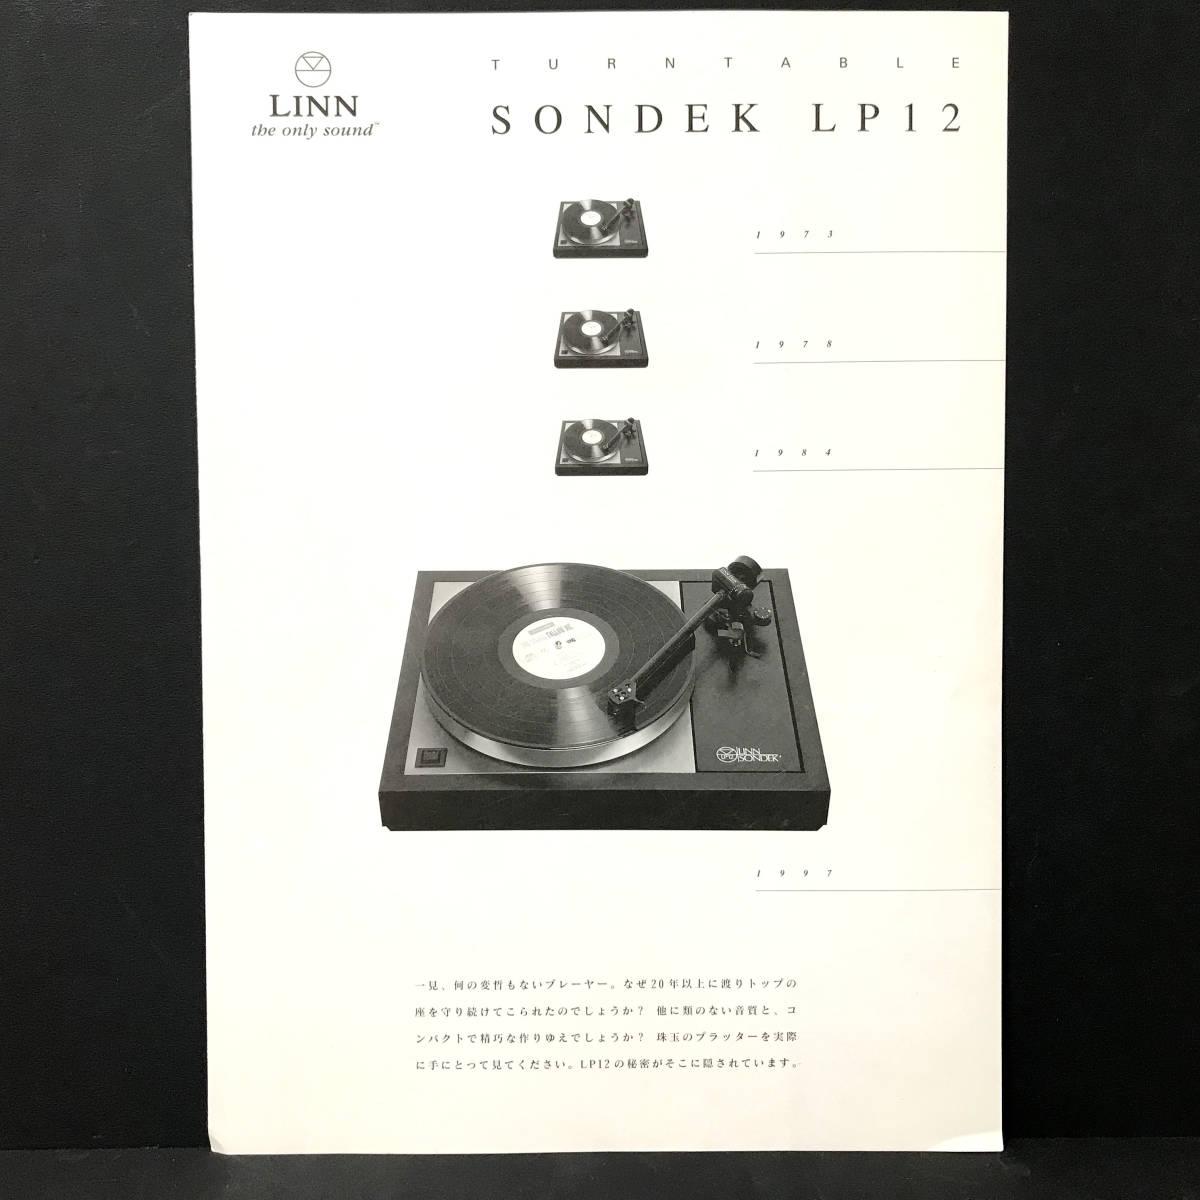 【カタログ】LINN SONDEK LP12 ターンテーブル レコードプレーヤー カタログ コレクション _画像1